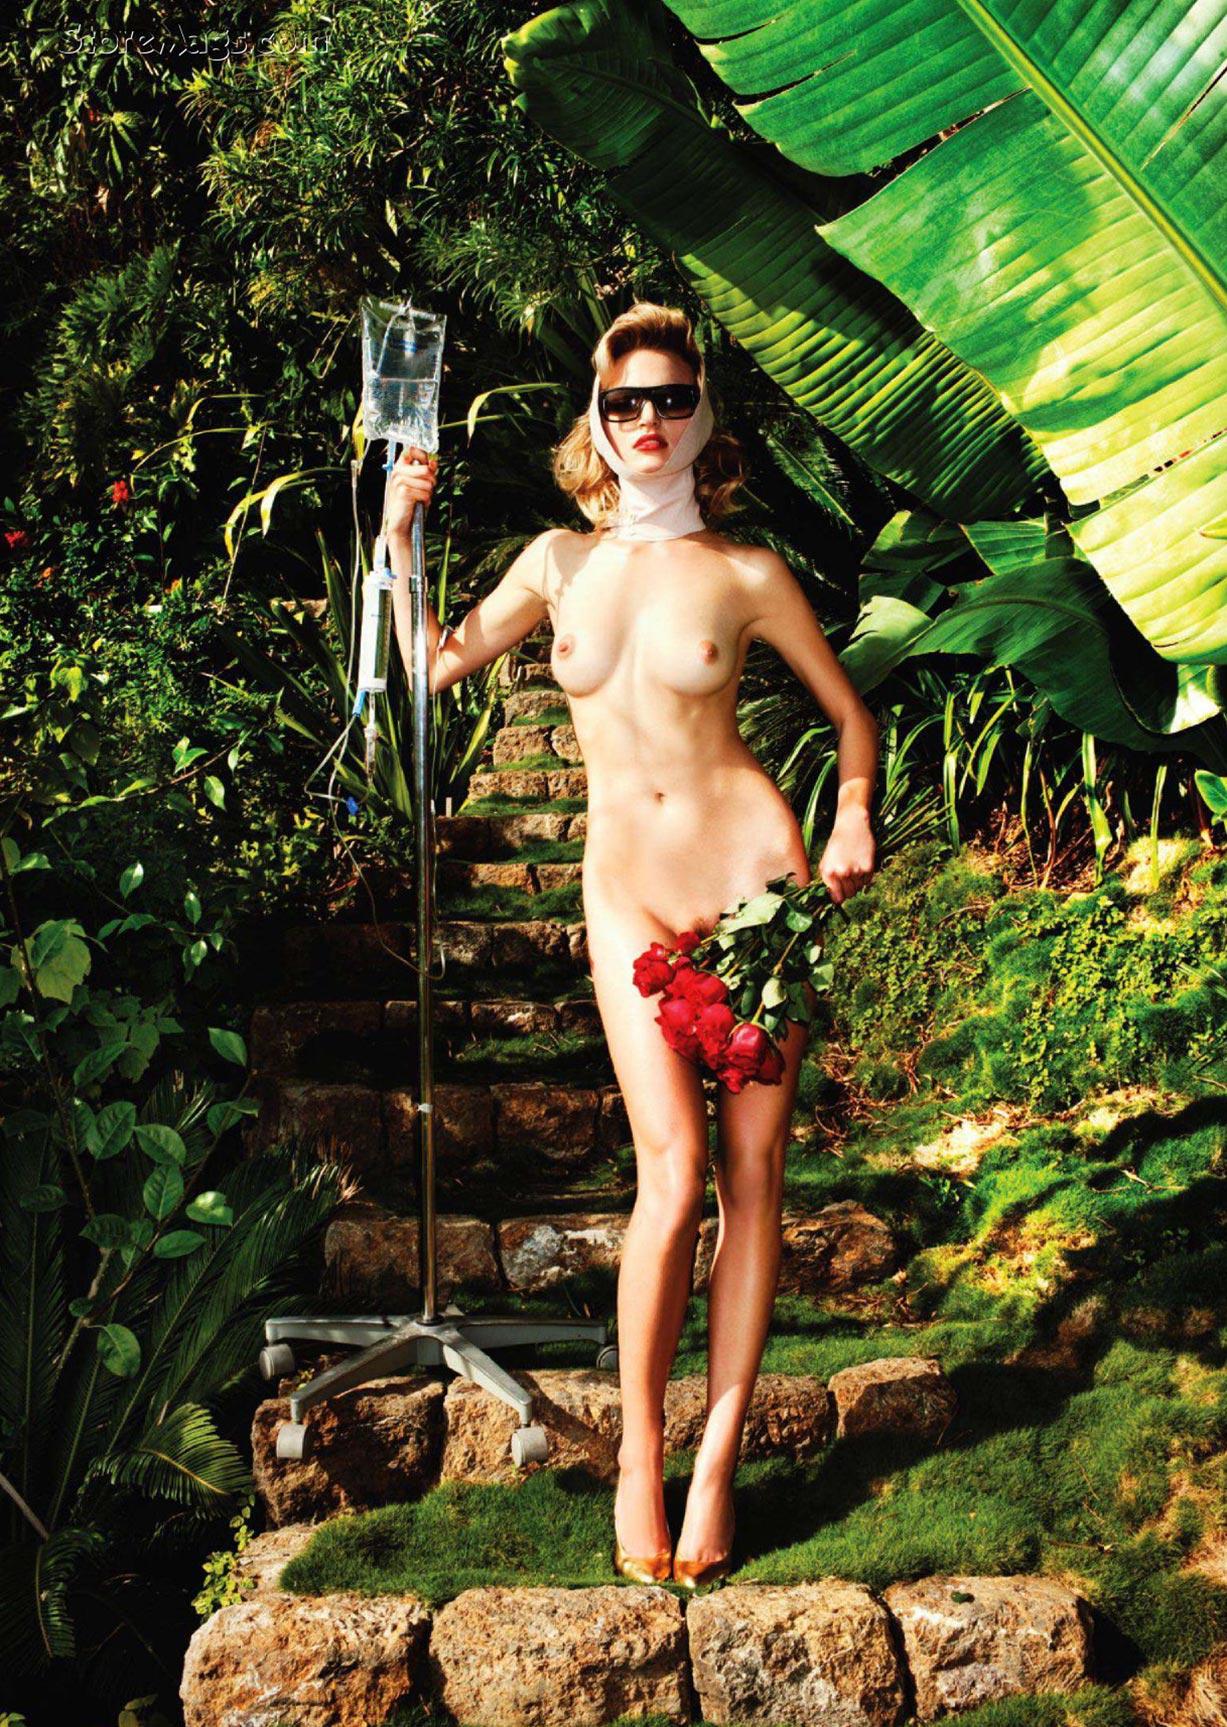 Stephanie Loba, Amanda Booth, Sydney Roper nude by Tony Kelly / Treats! Magazine issue 01